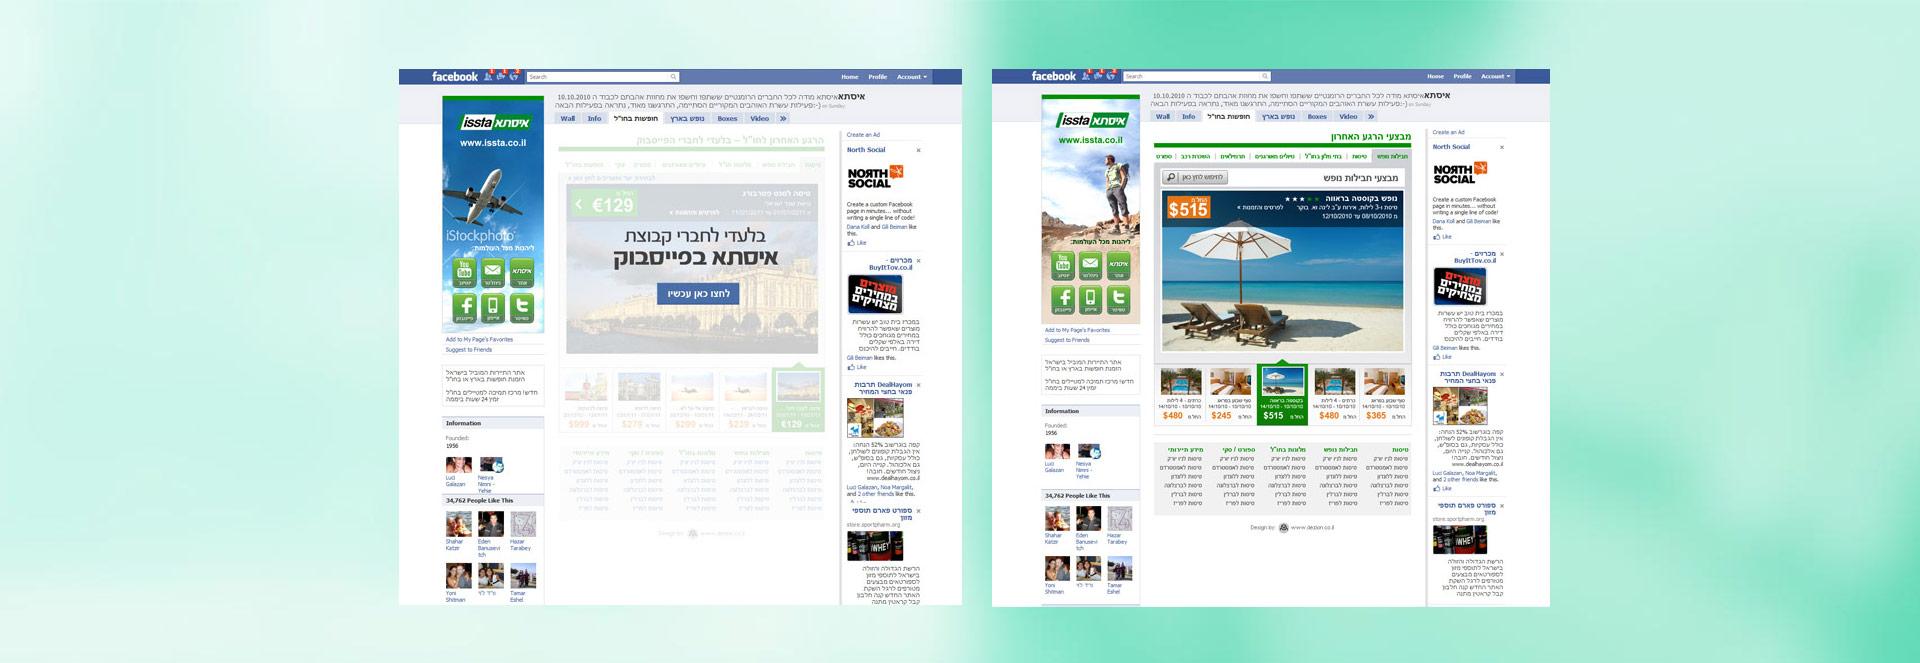 facebook-issta-a1